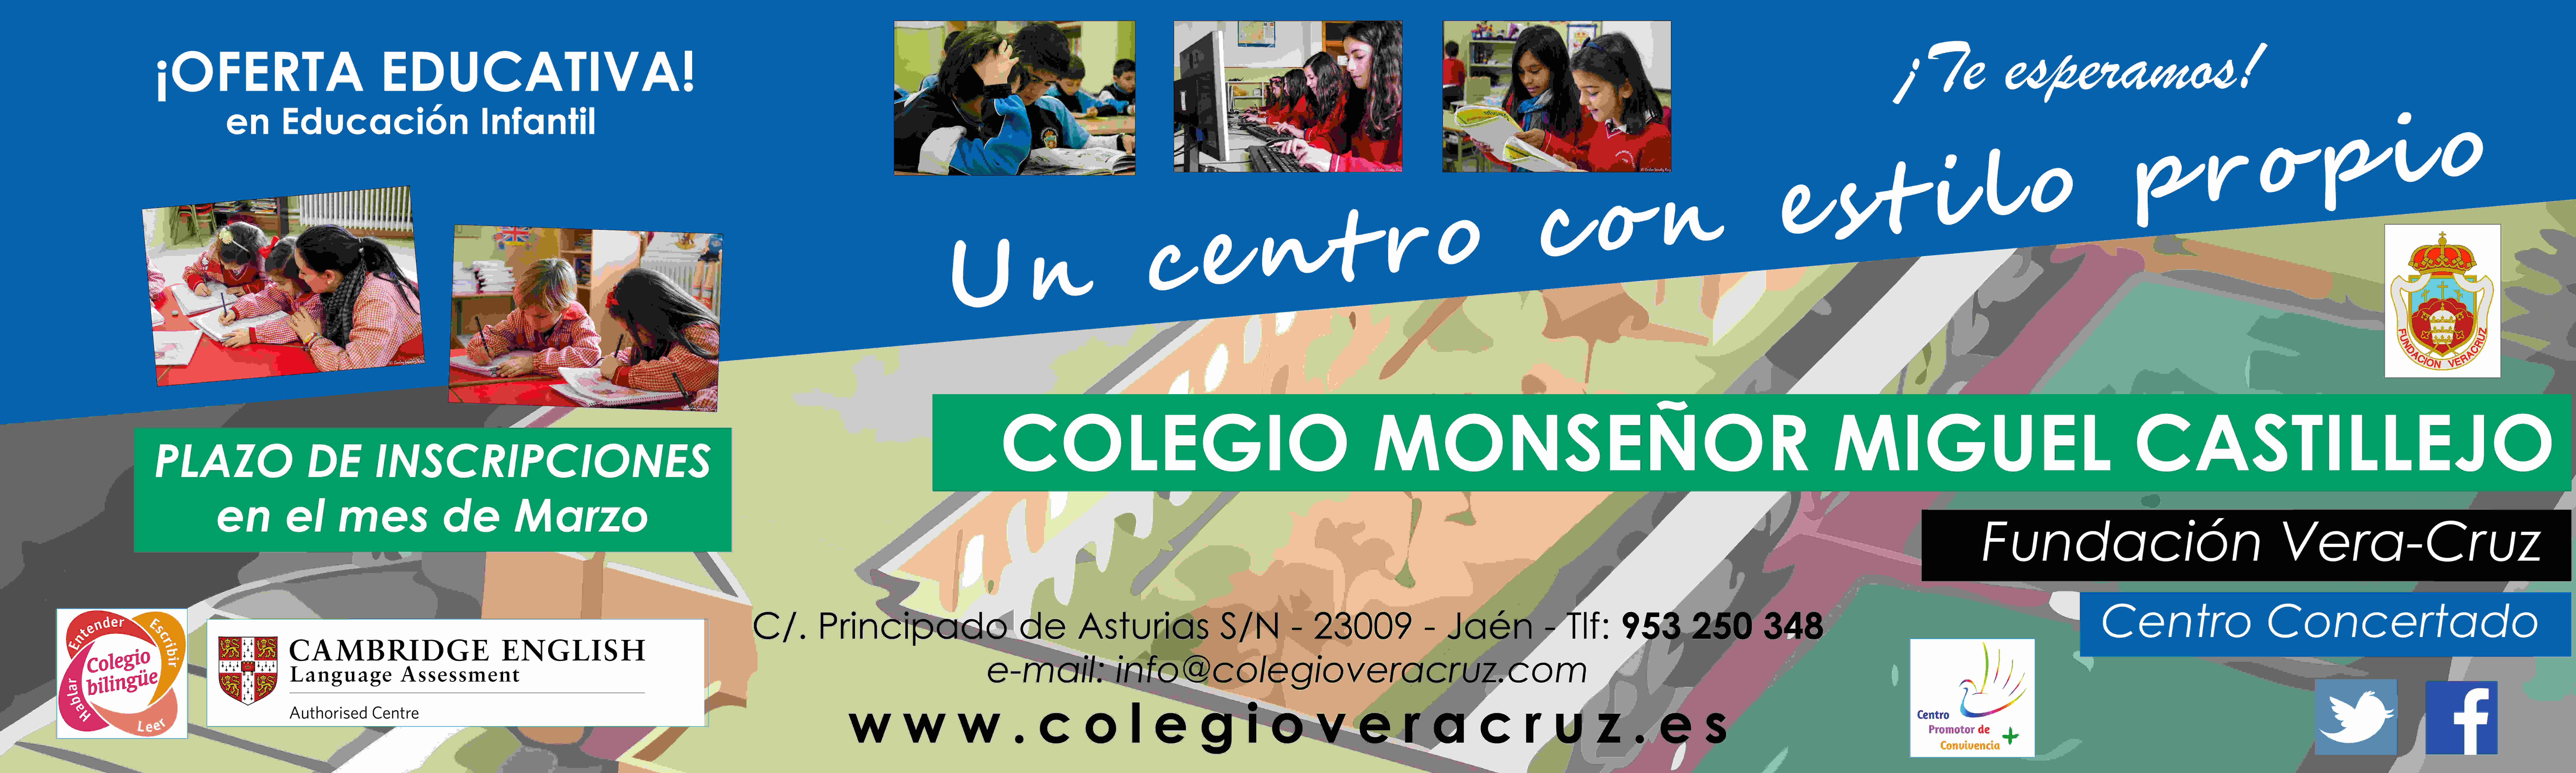 Colegio Monseñor Miguel Castillejo. Fundación Vera-Cruz. Jaén